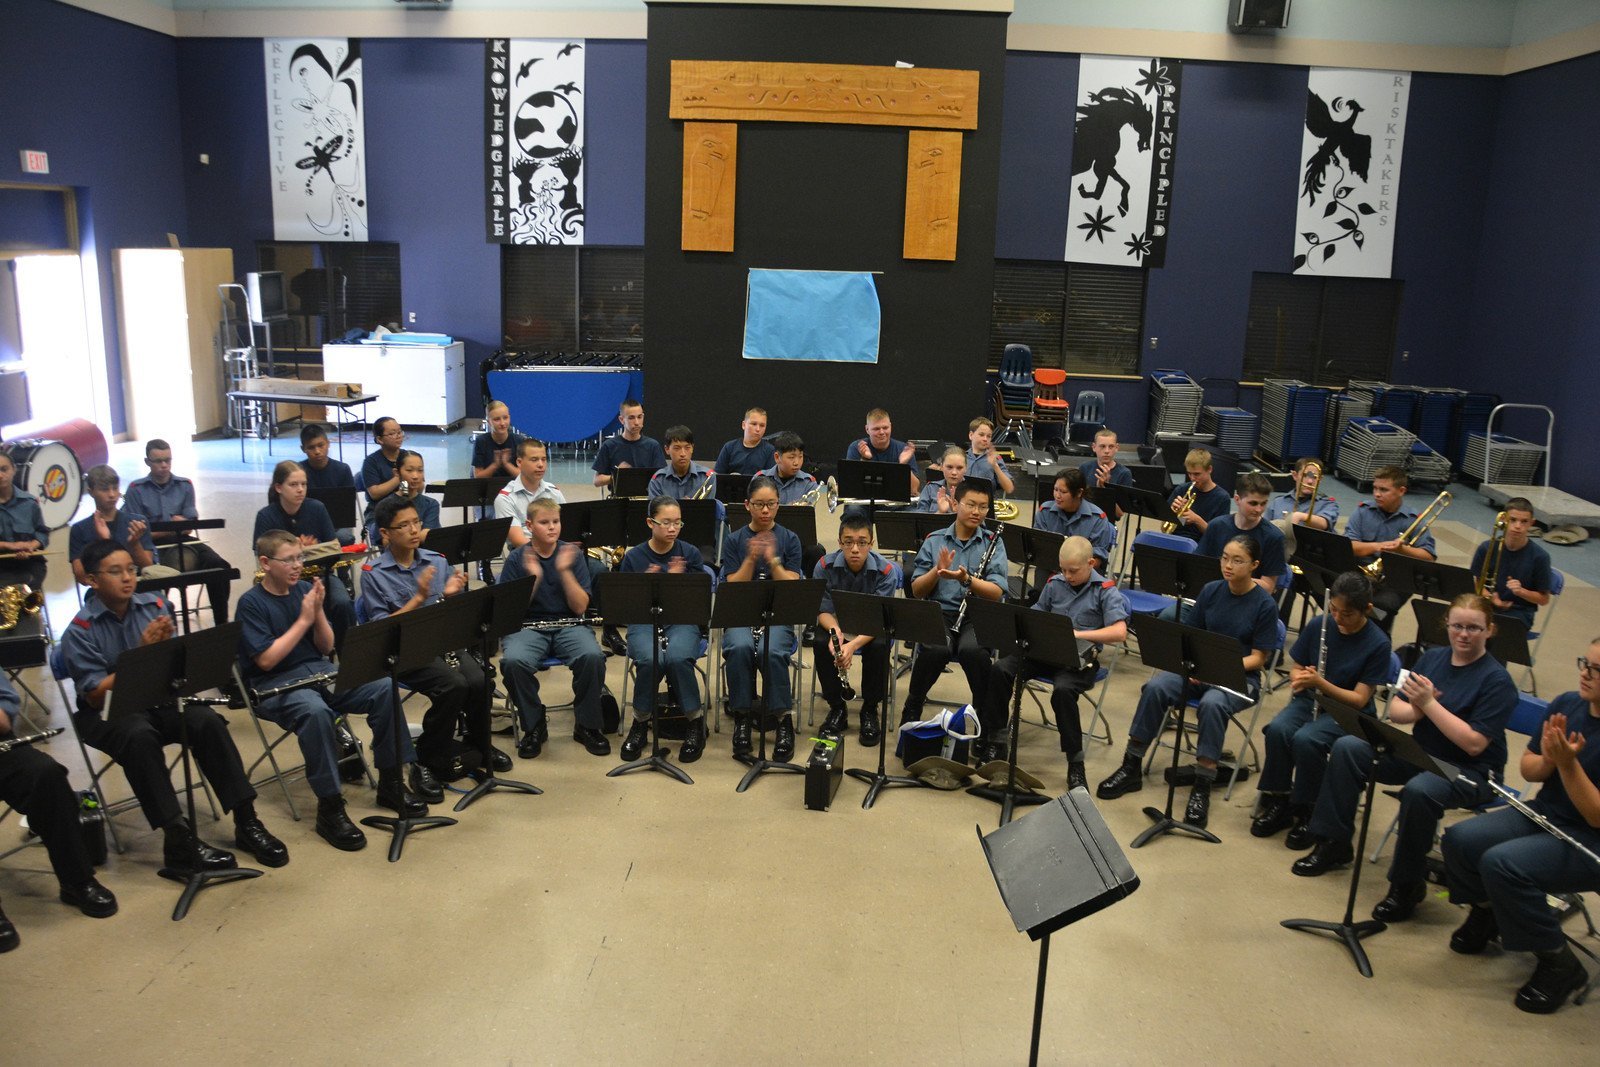 Basic Band